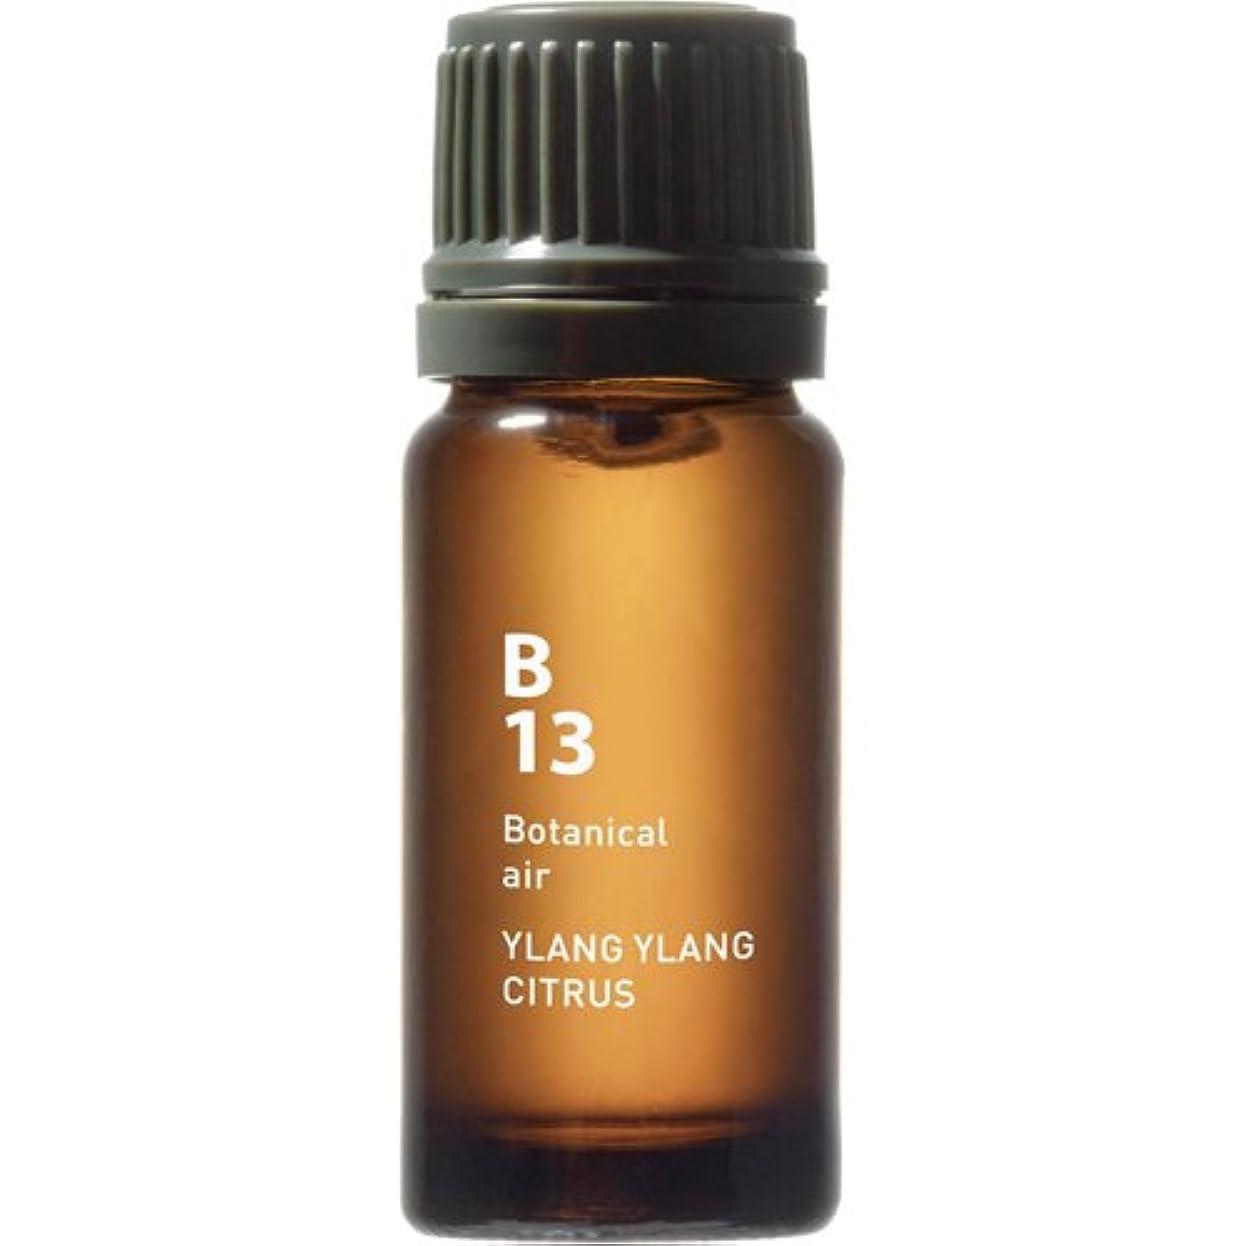 同一の迷彩楕円形B13 イランイランシトラス Botanical air(ボタニカルエアー) 10ml